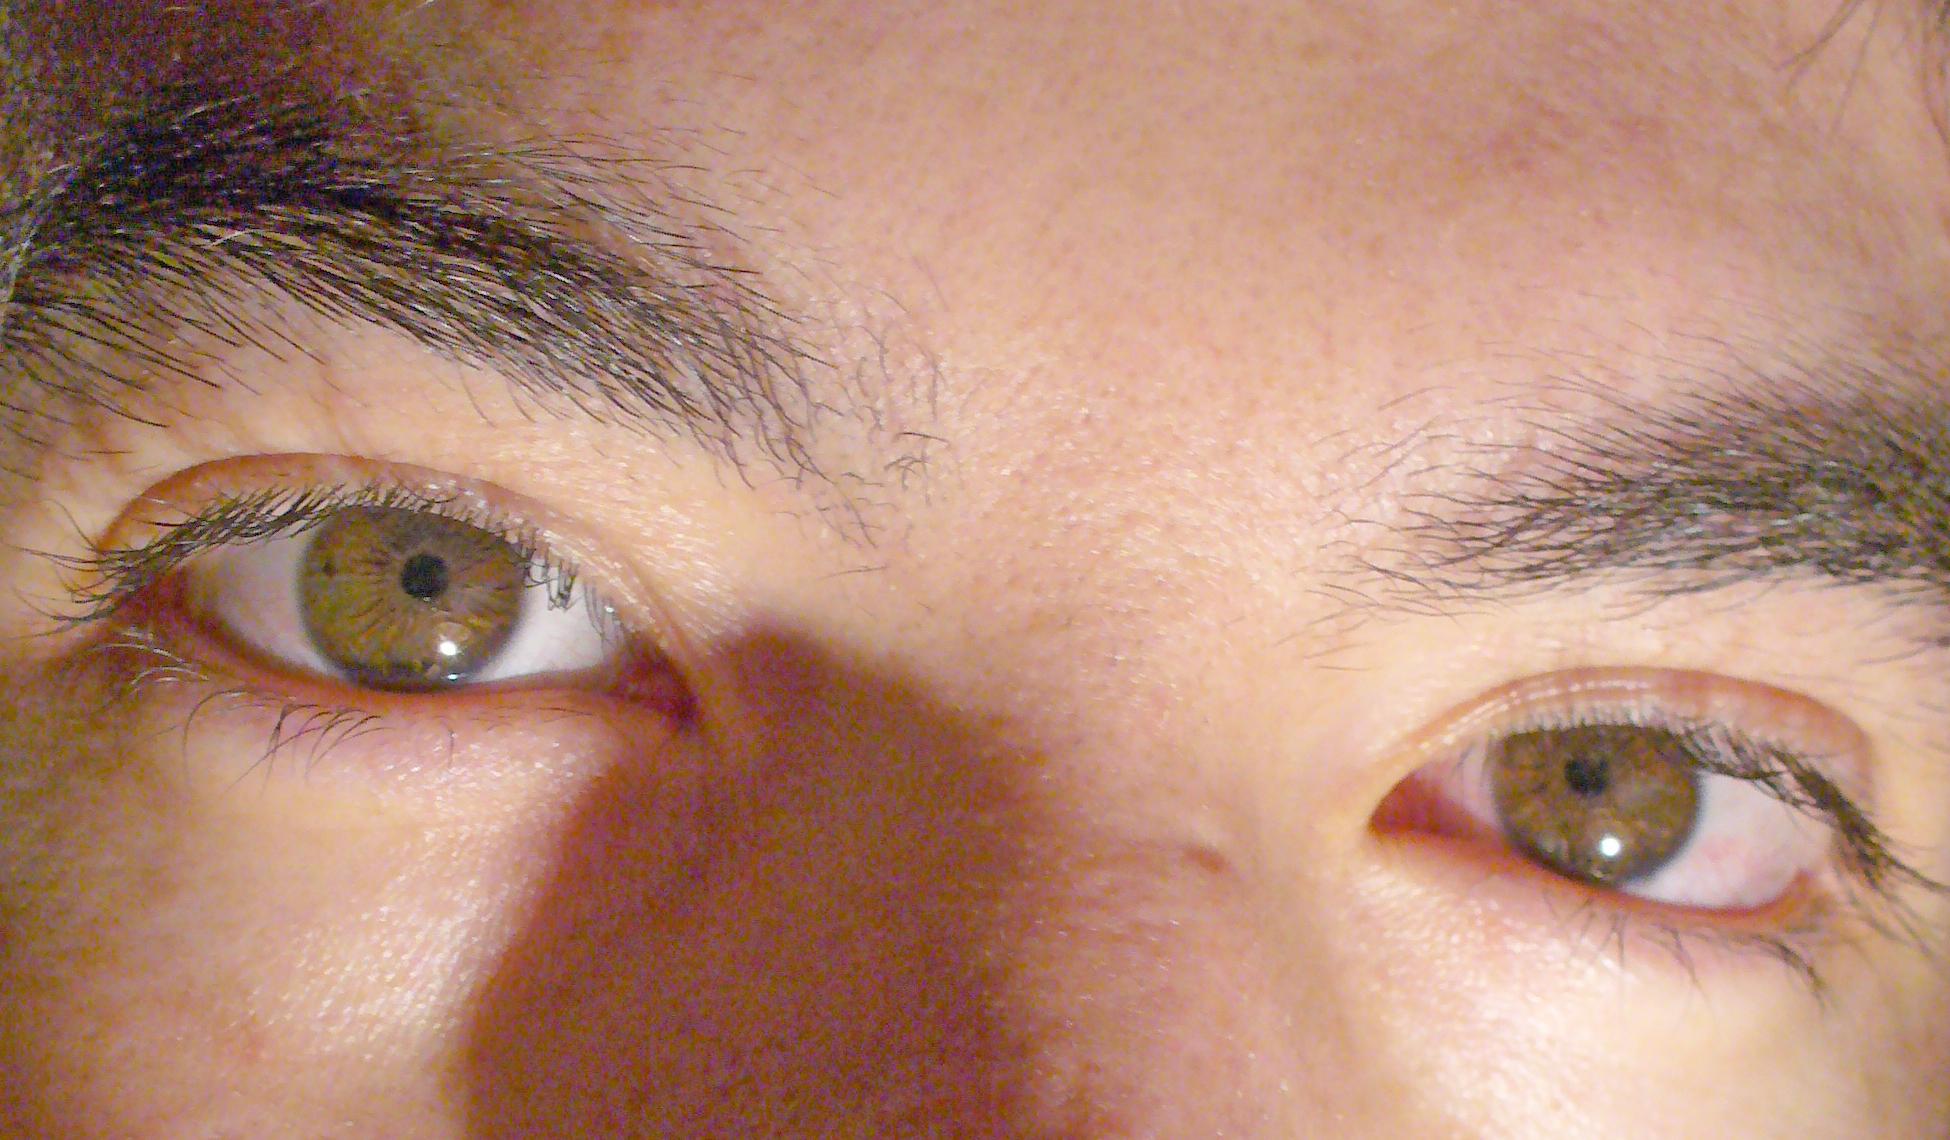 Eyes Of A Blue Dog Symbolism